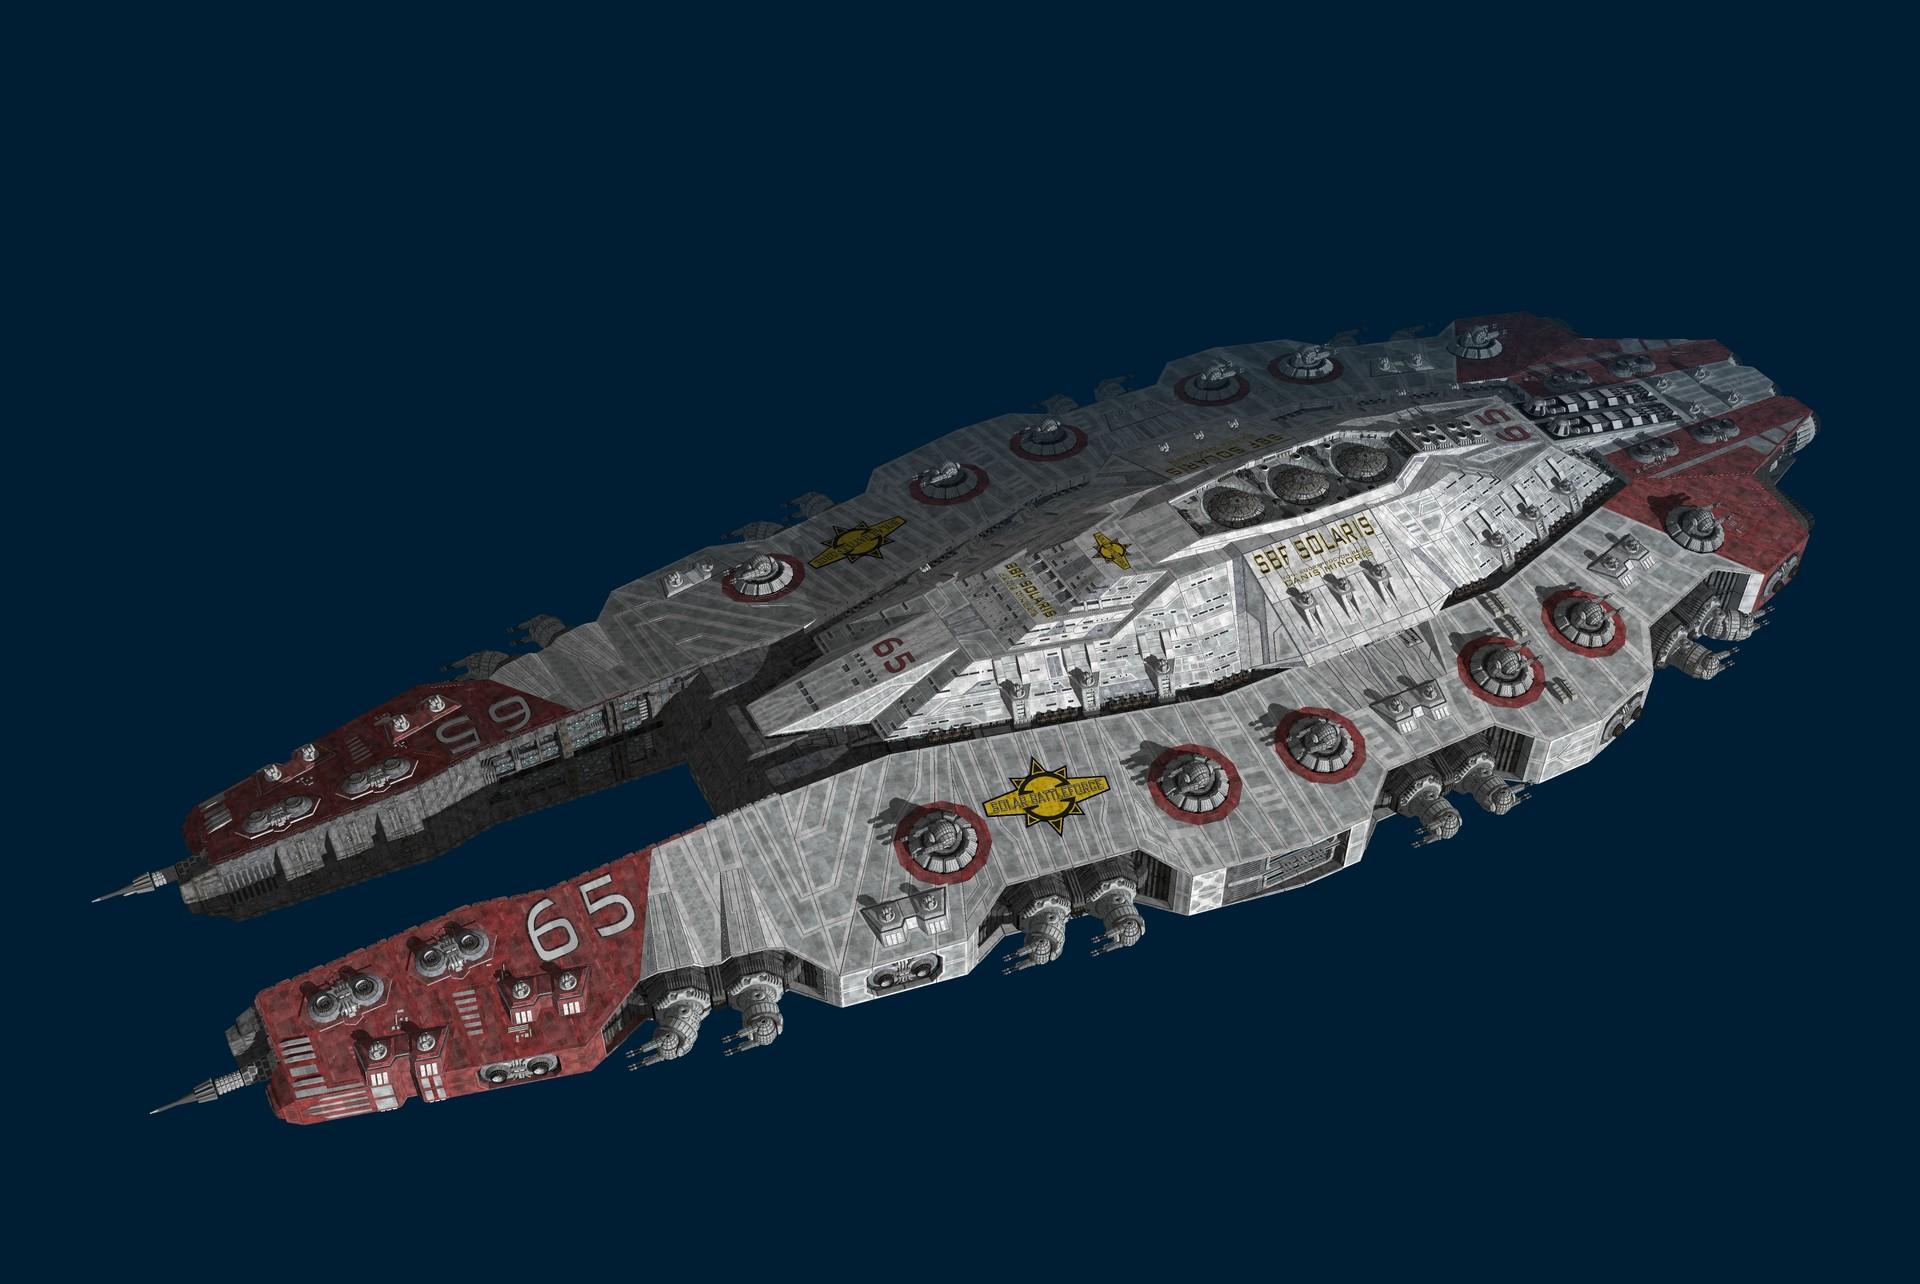 Joachim sverd battlecruiser solaris42